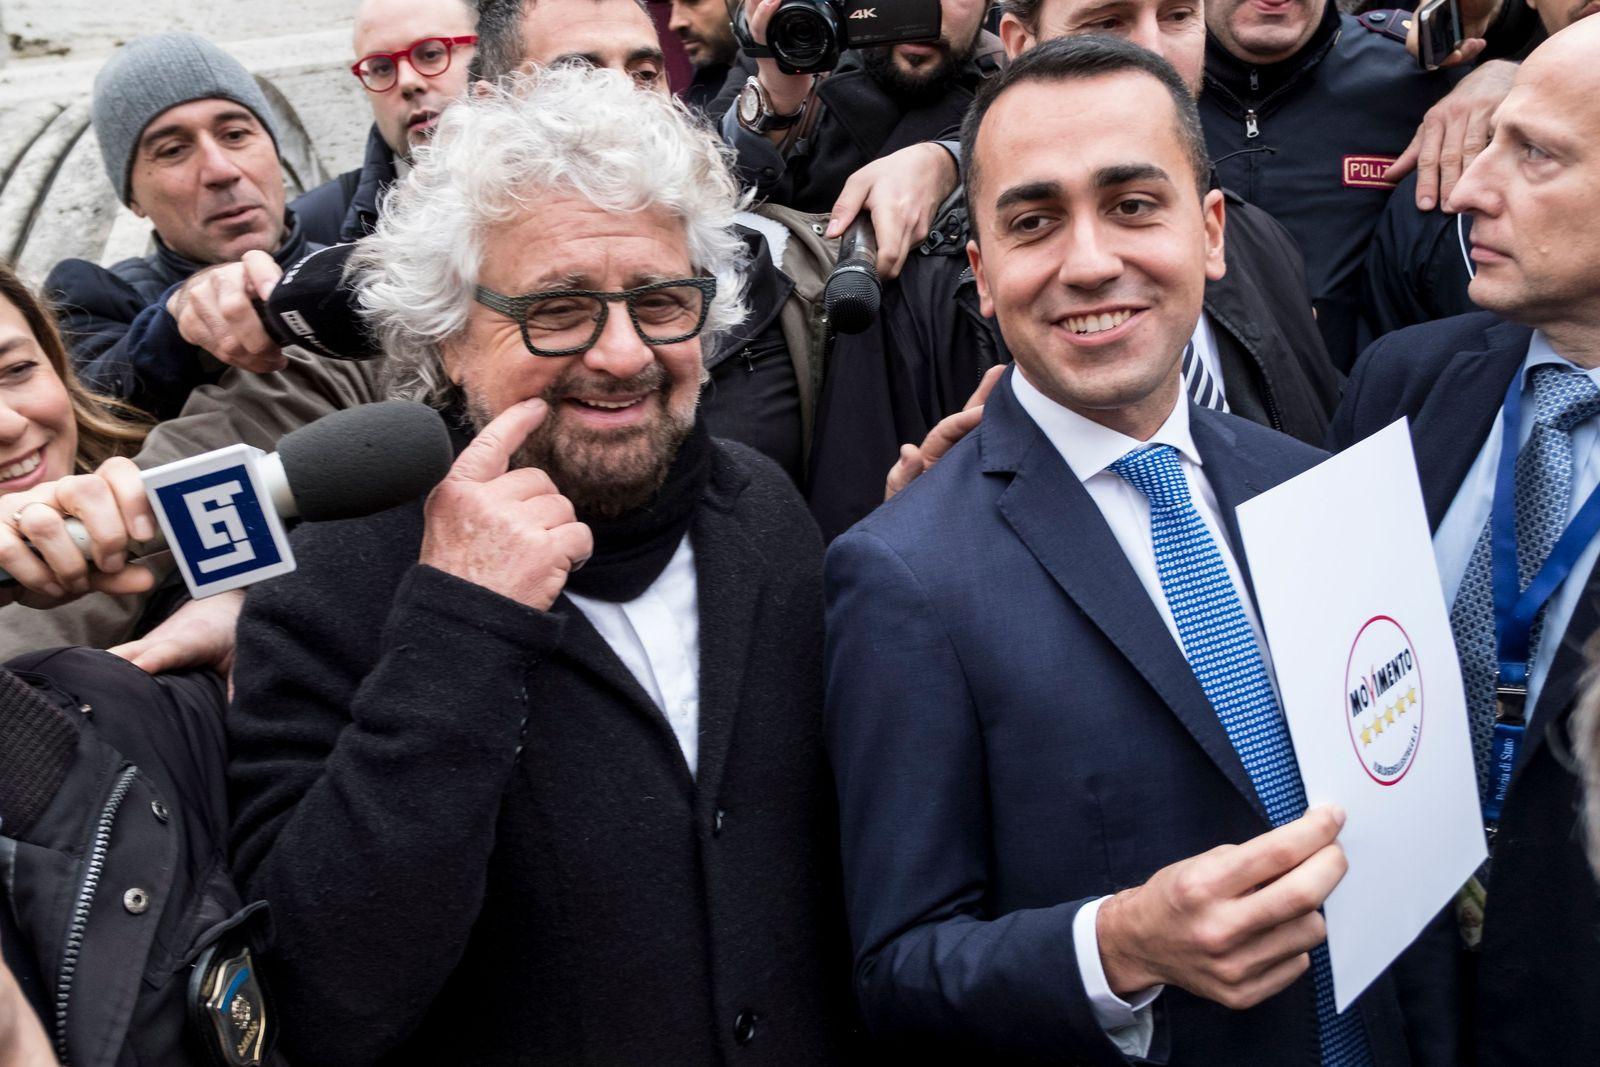 Beppe Grillo / Luigi di Maio